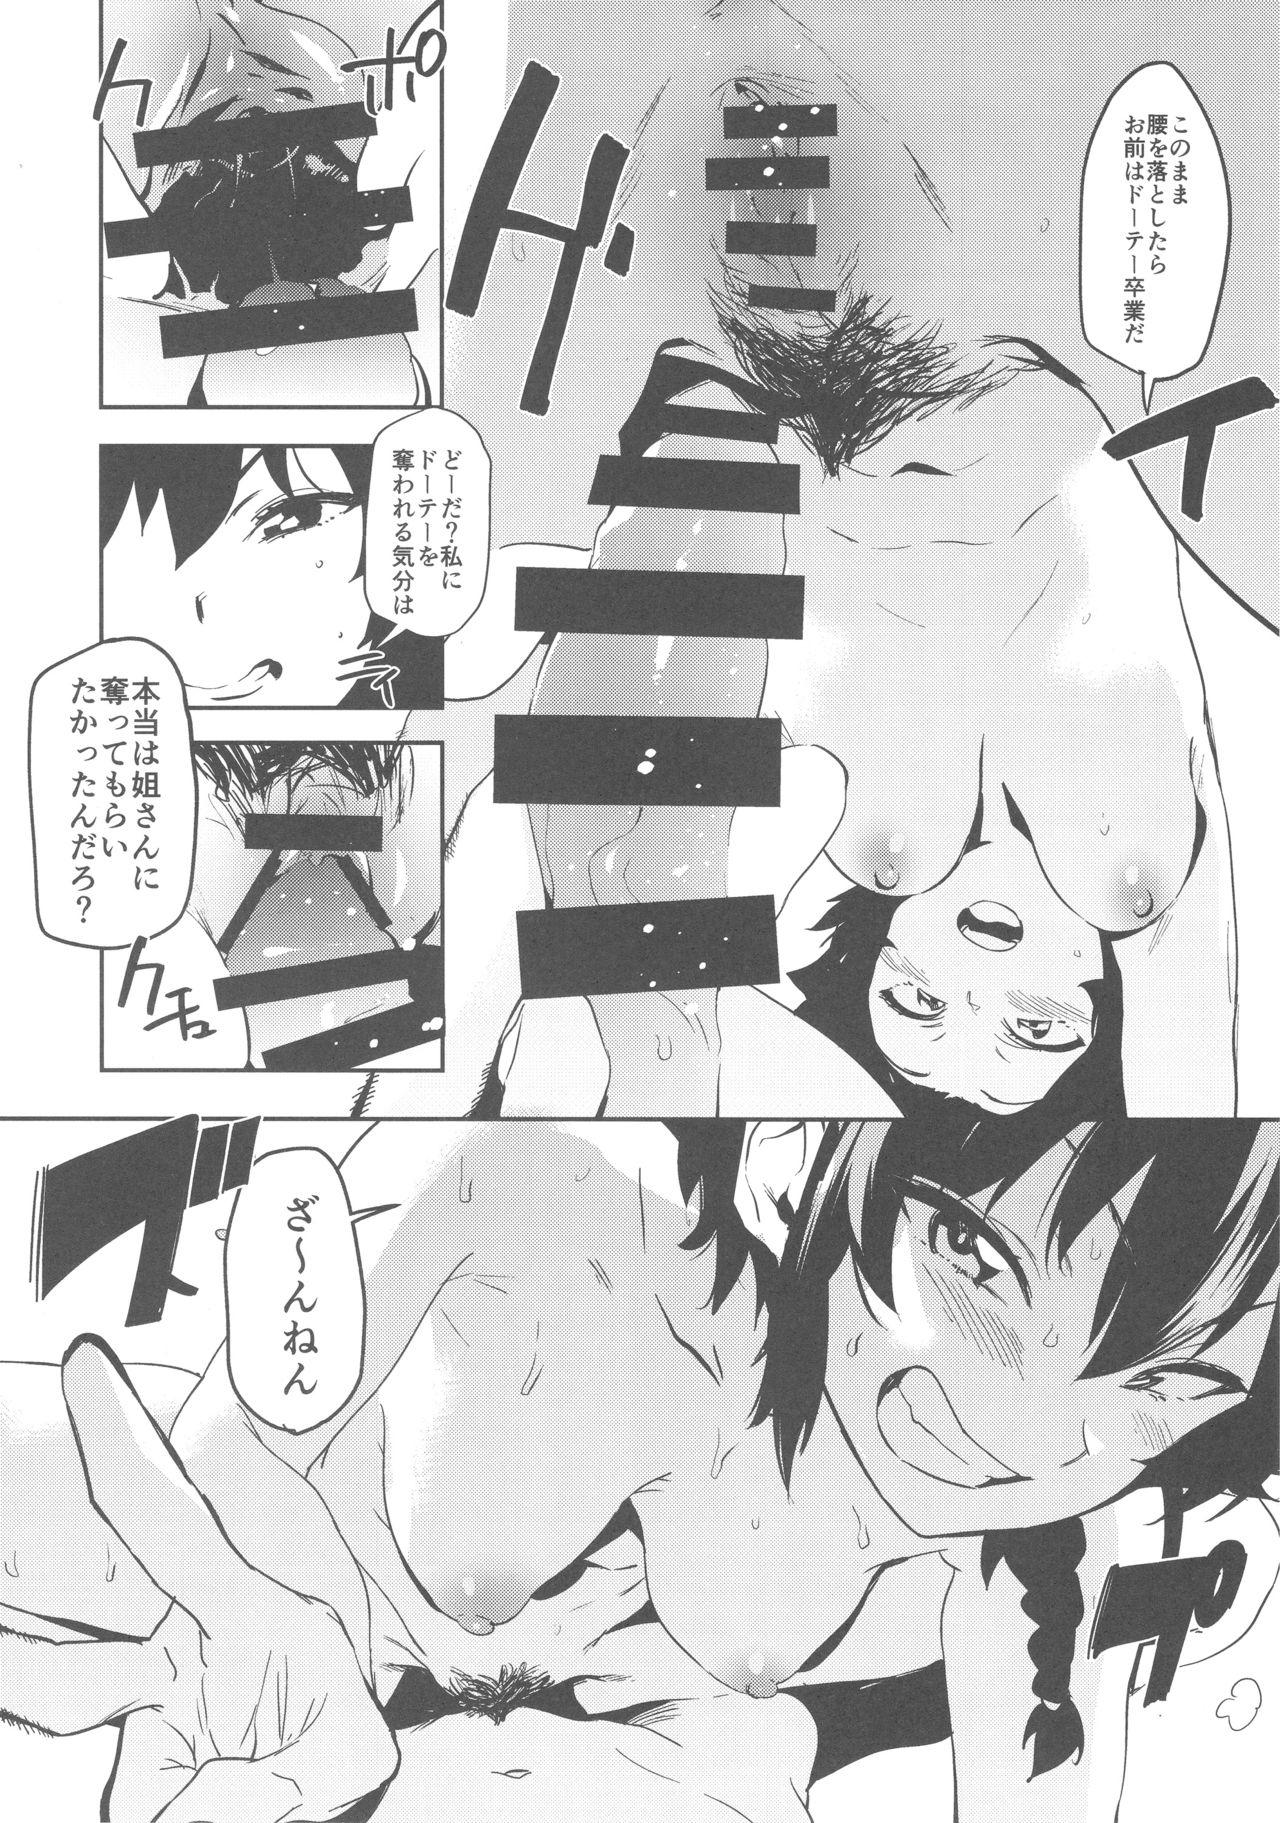 (COMIC1☆13) [Camrism (Kito Sakeru)] Anchovy Nee-san no Bouillon Panty Sakusen-ssu! (Girls und Panzer) 14